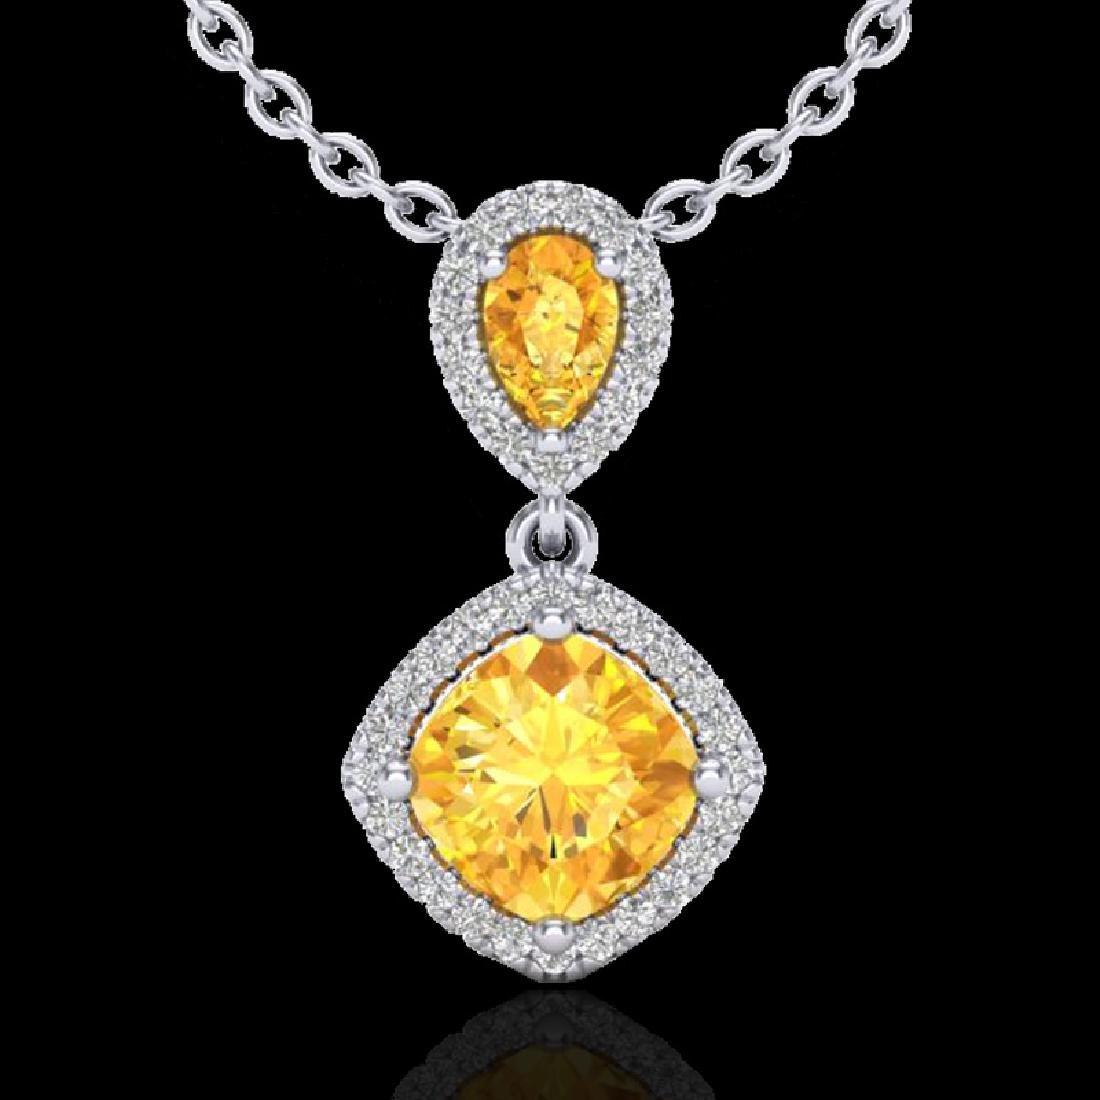 2.63 CTW Citrine & Micro VS/SI Diamond Necklace